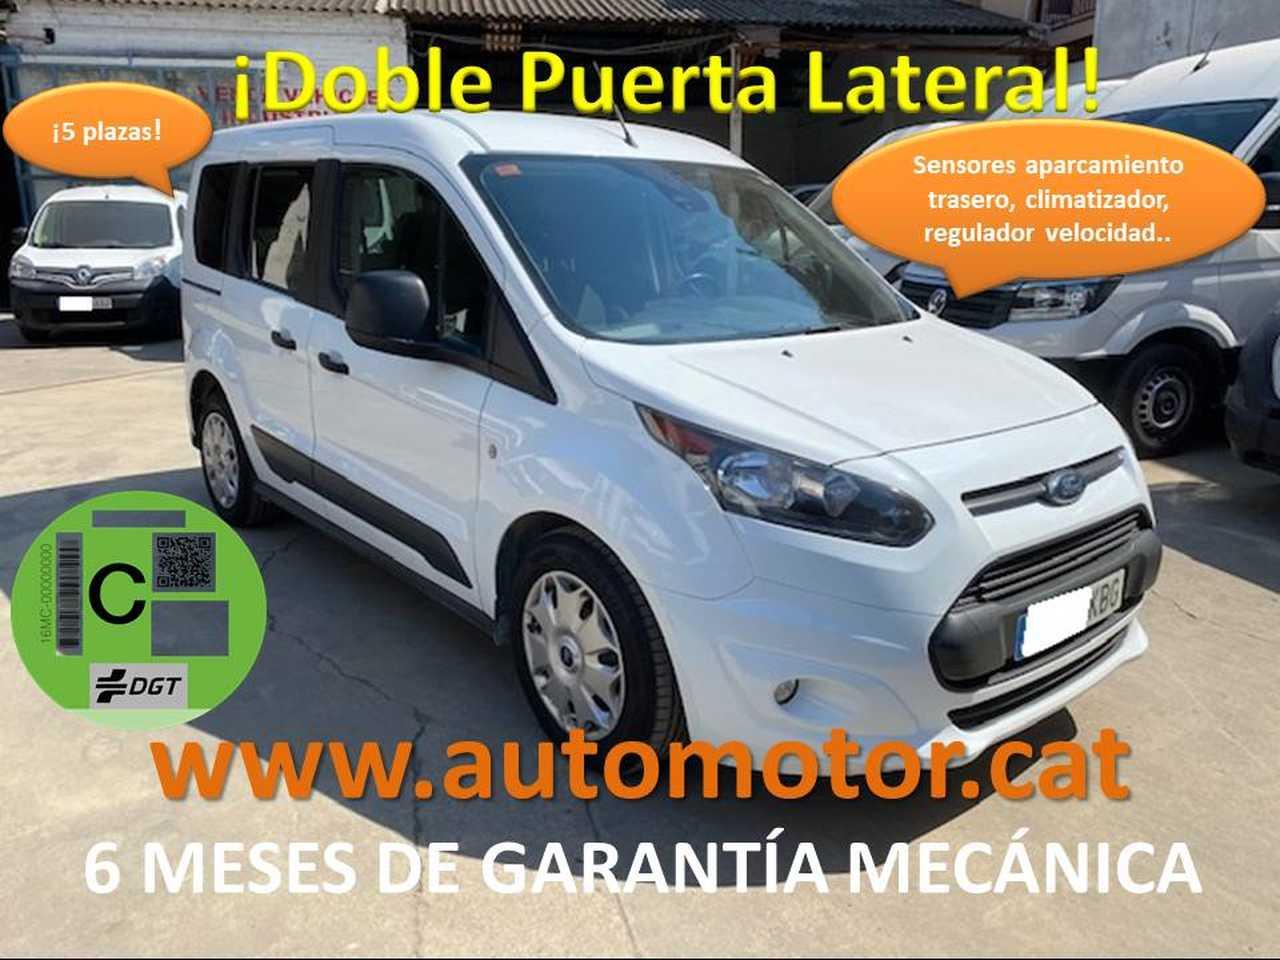 Ford Transit Connect FT 220 Kombi B. Corta L1 Trend 100 M1 - GARANTIA MECANICA  - Foto 1